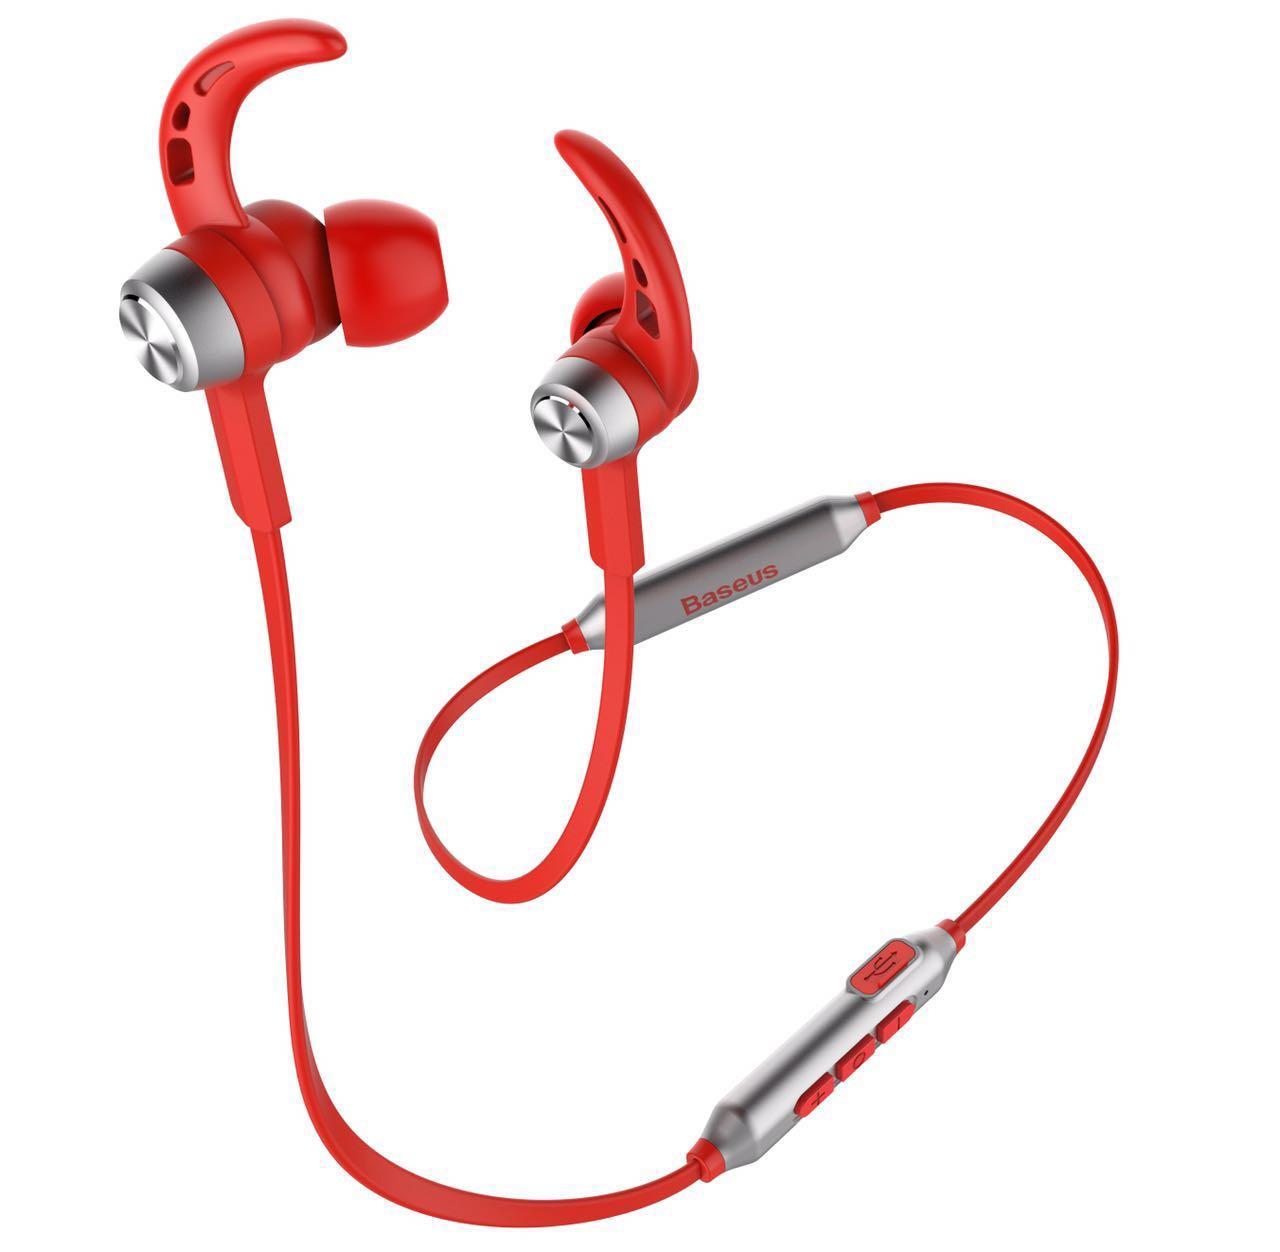 BASEUS倍思 S06耳机质量如何,使用寿命长吗?